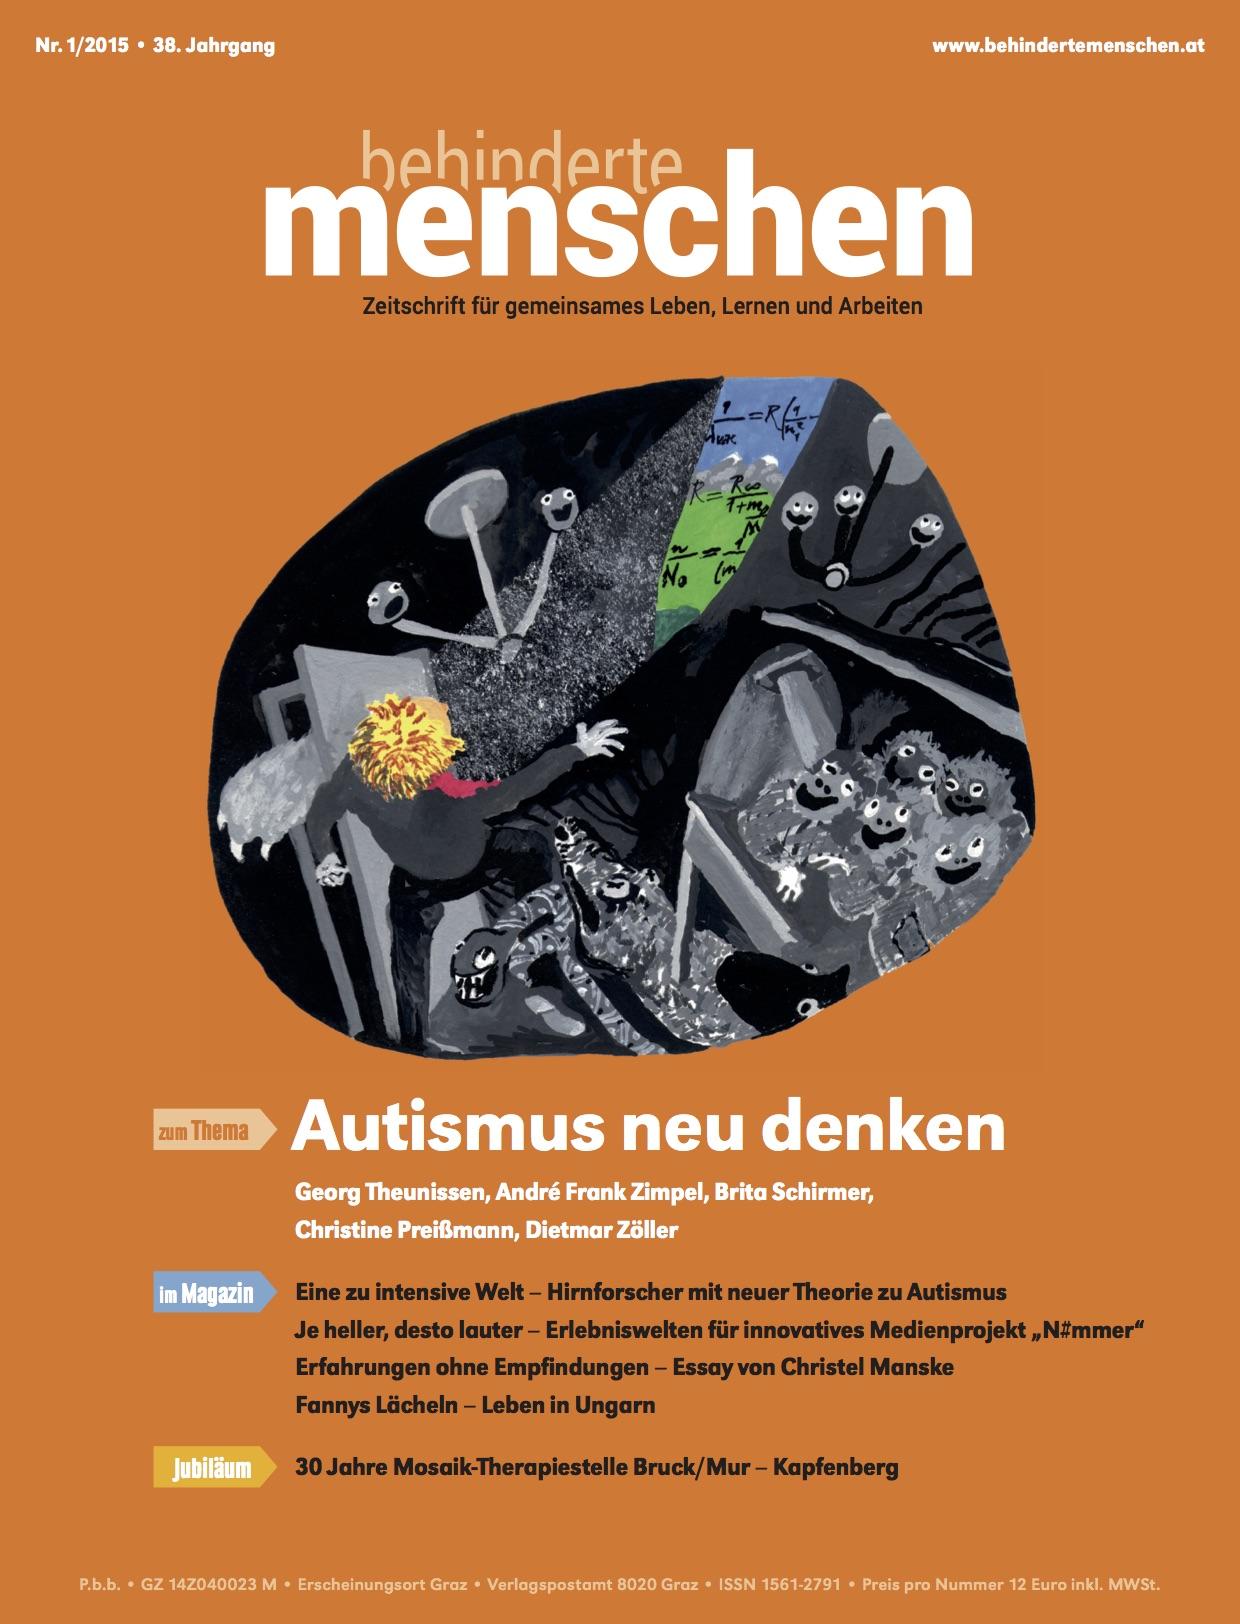 """Titelbild der Zeitschrift BEHINDERTE MENSCHEN, Ausgabe 1/2015 """"Autismus neu denken"""""""